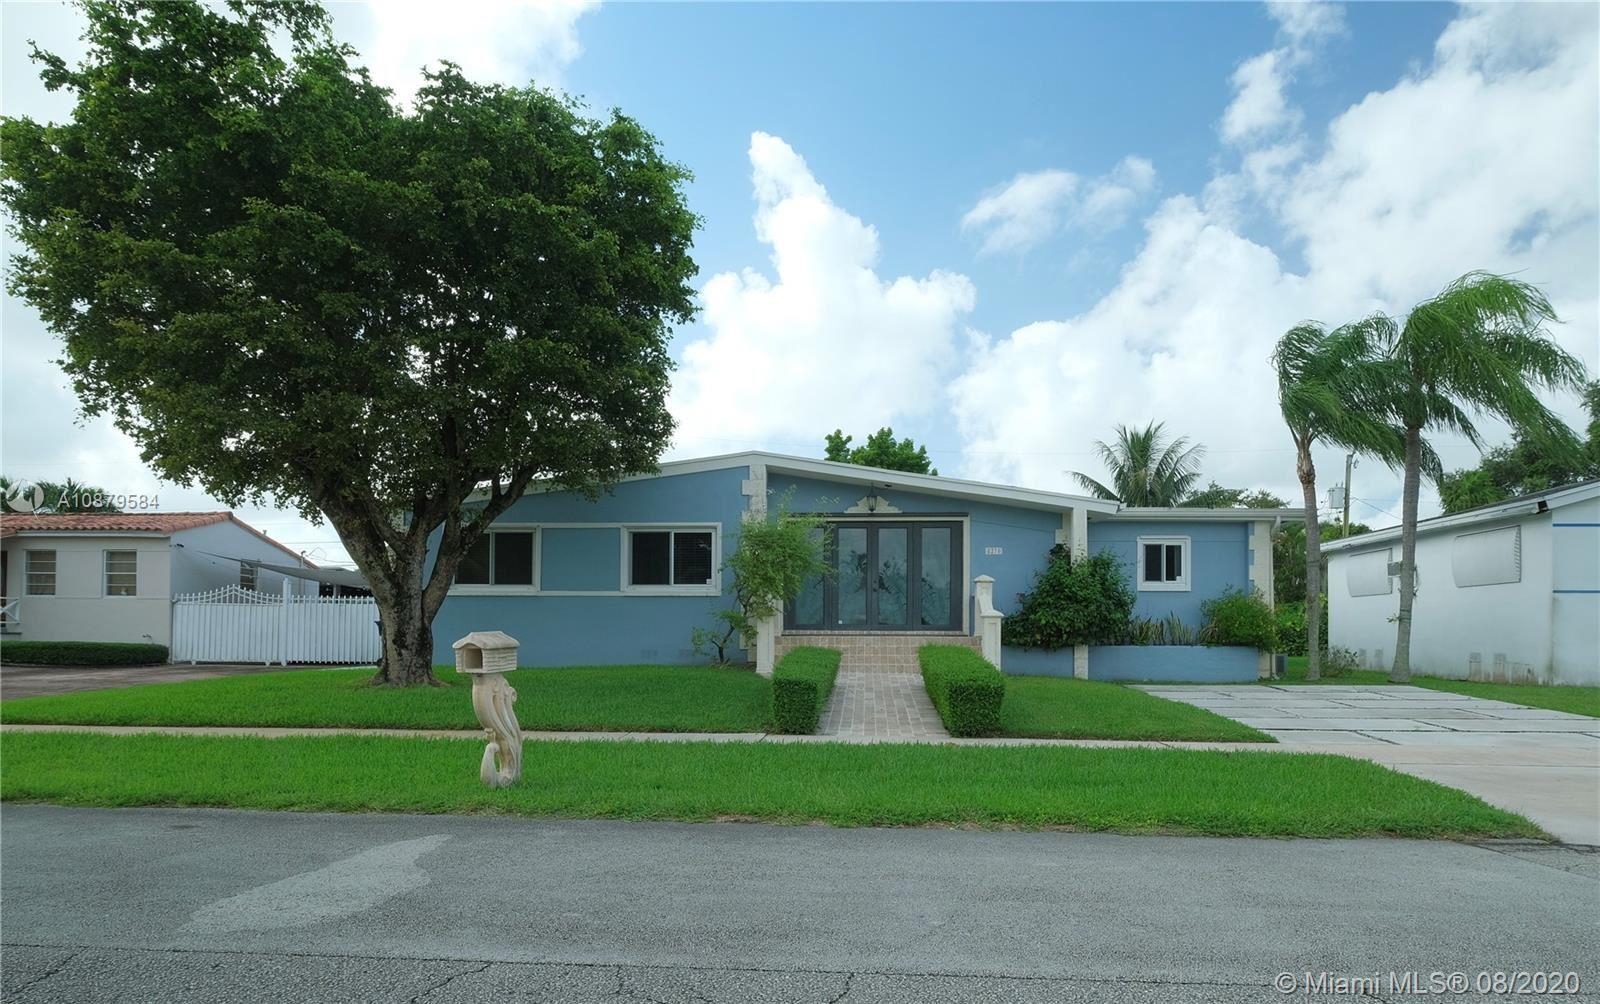 8270 SW 30th St, Miami, FL 33155 - #: A10879584